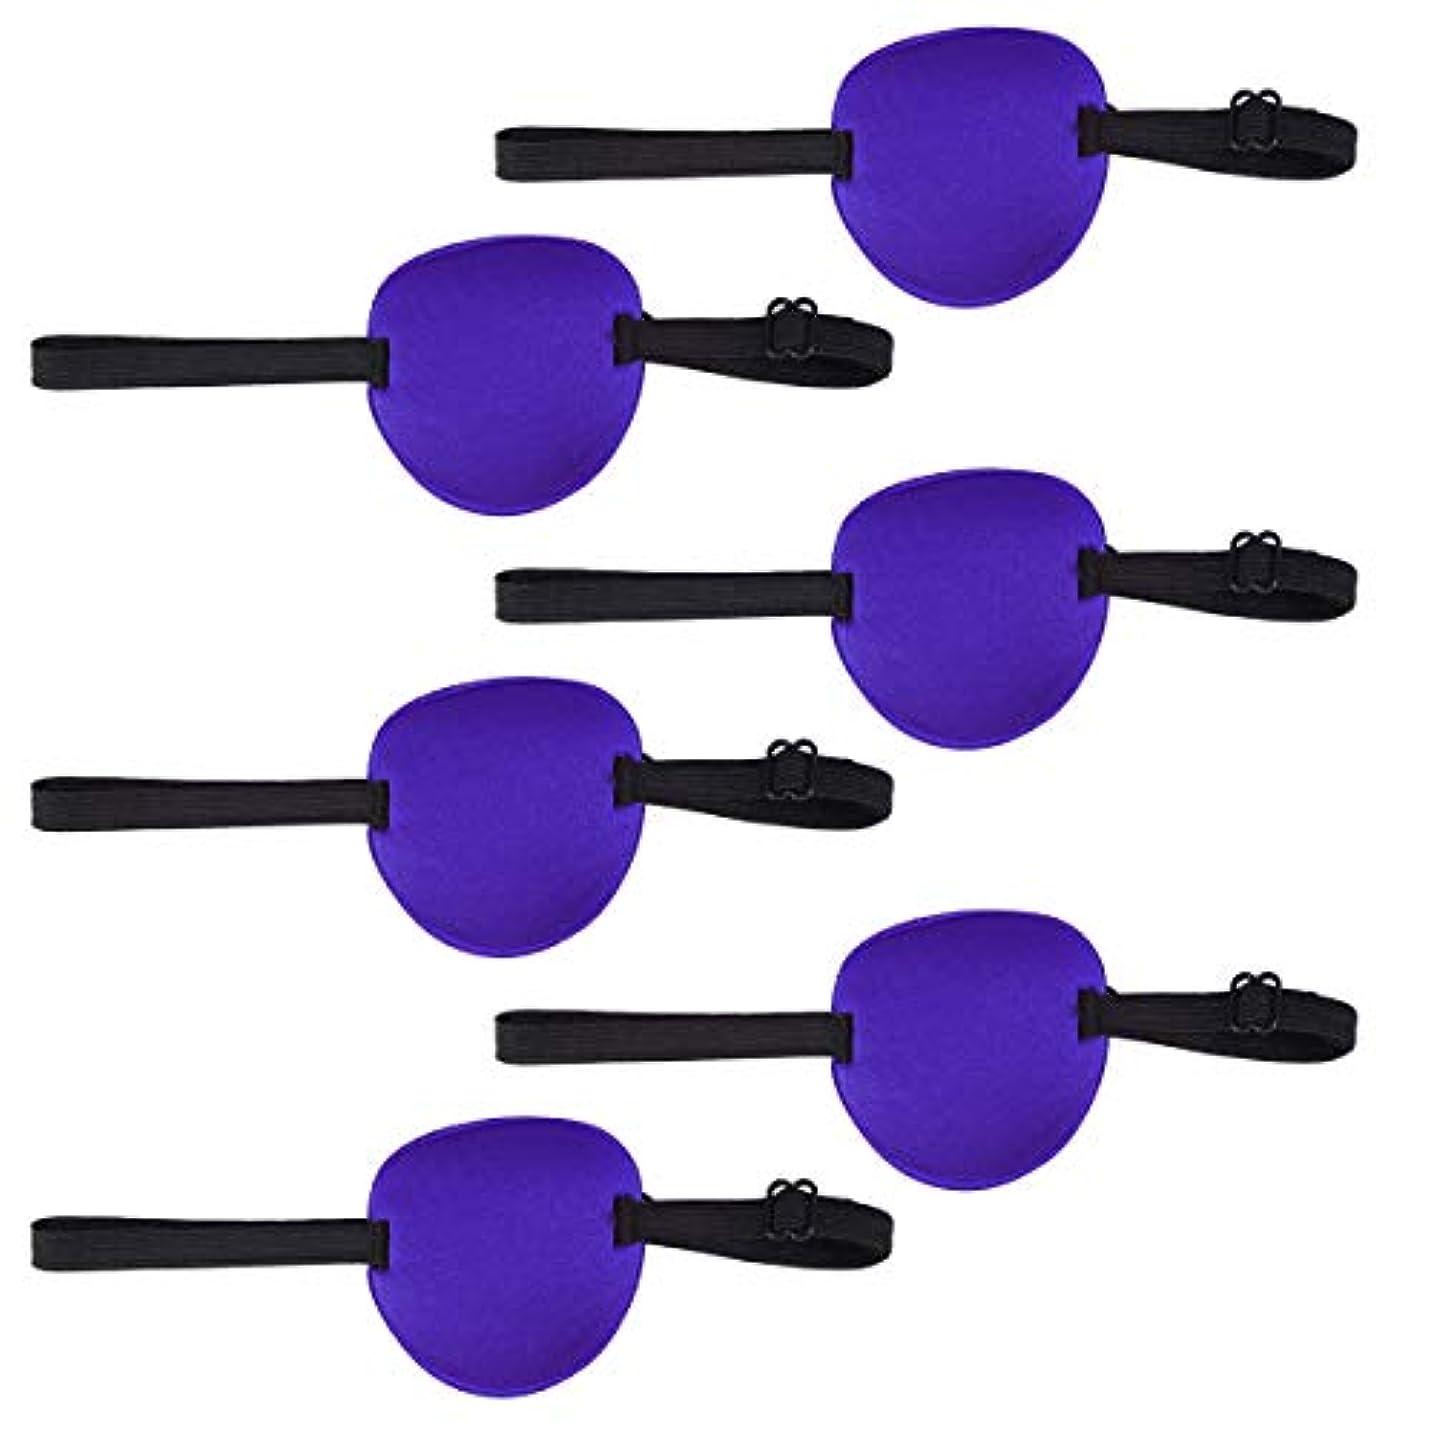 しなやか絡まる郵便屋さんHealifty 弱視の目のパッチ大人と子供のための調節可能な弾性バックル付き6個の片目スポンジアイパッチ(ブルー)